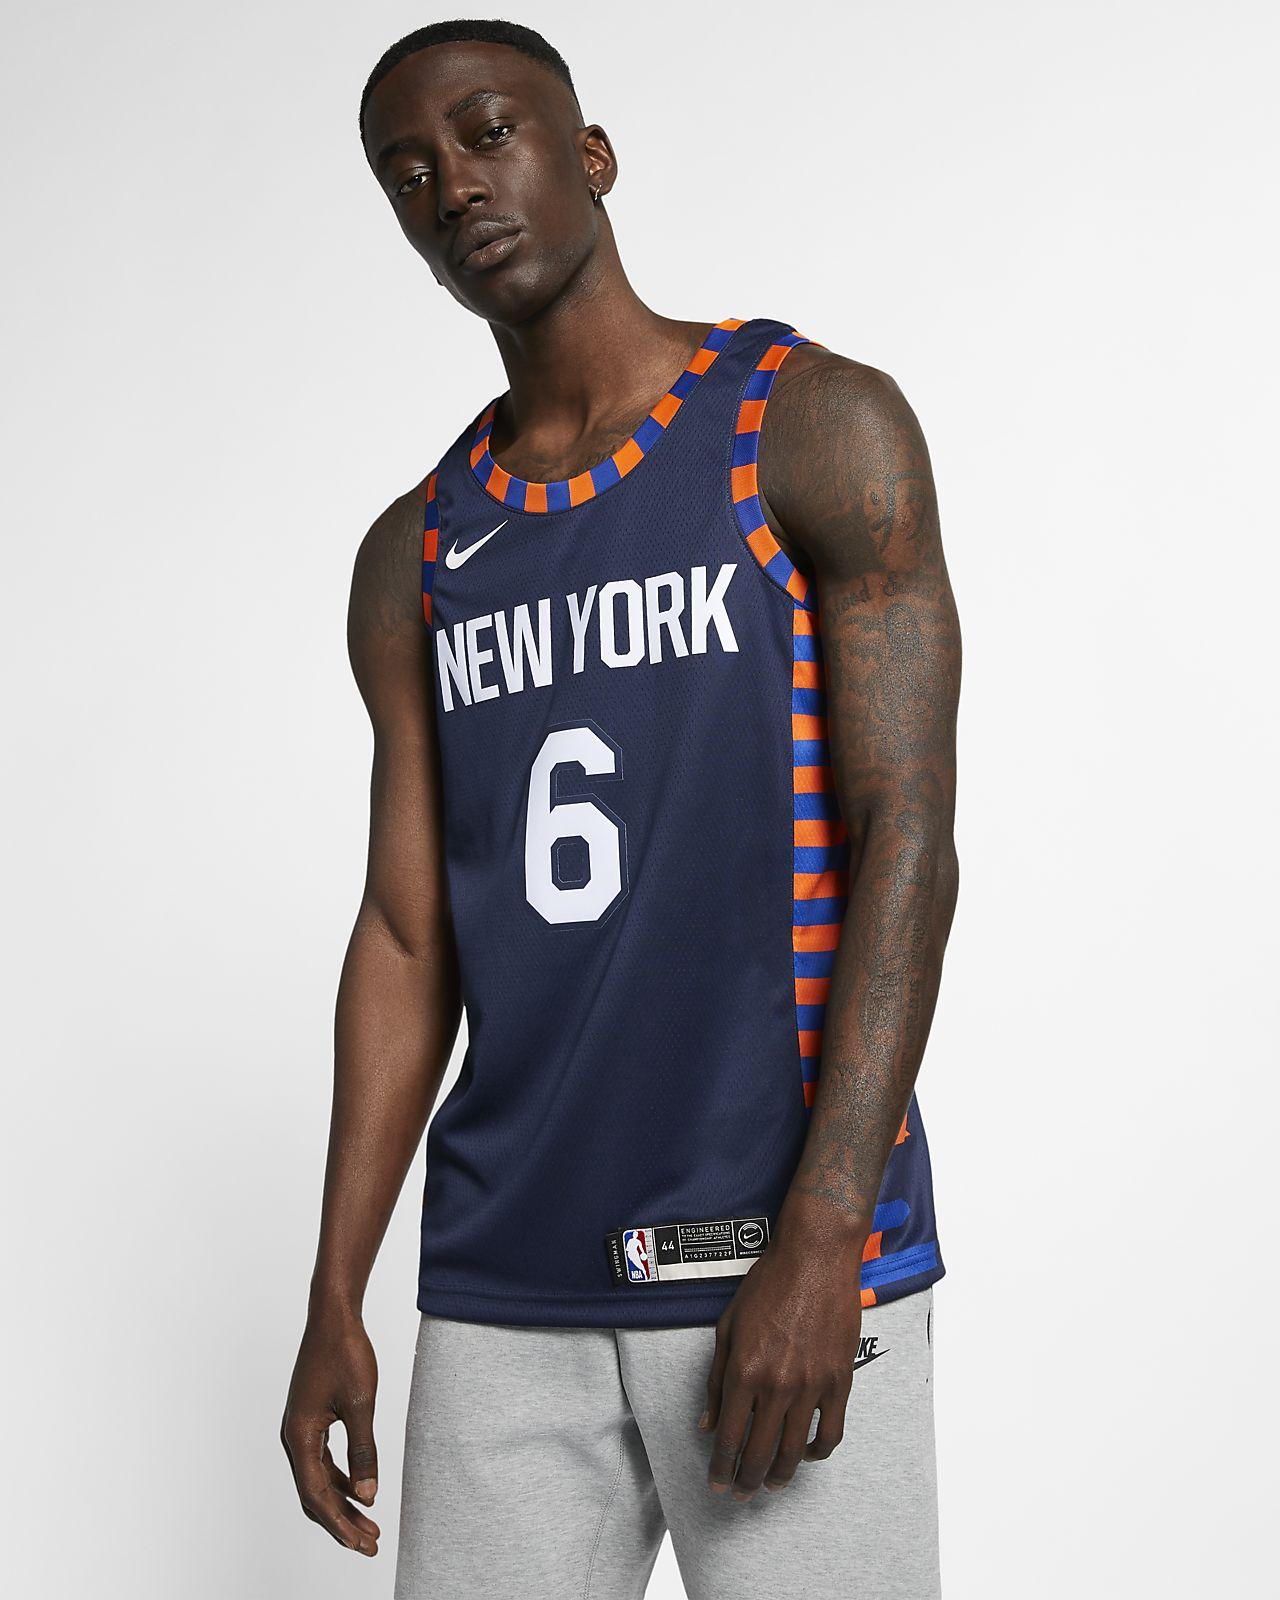 เสื้อแข่ง Nike NBA Connected ผู้ชาย Kristaps Porzingis City Edition Swingman (New York Knicks)